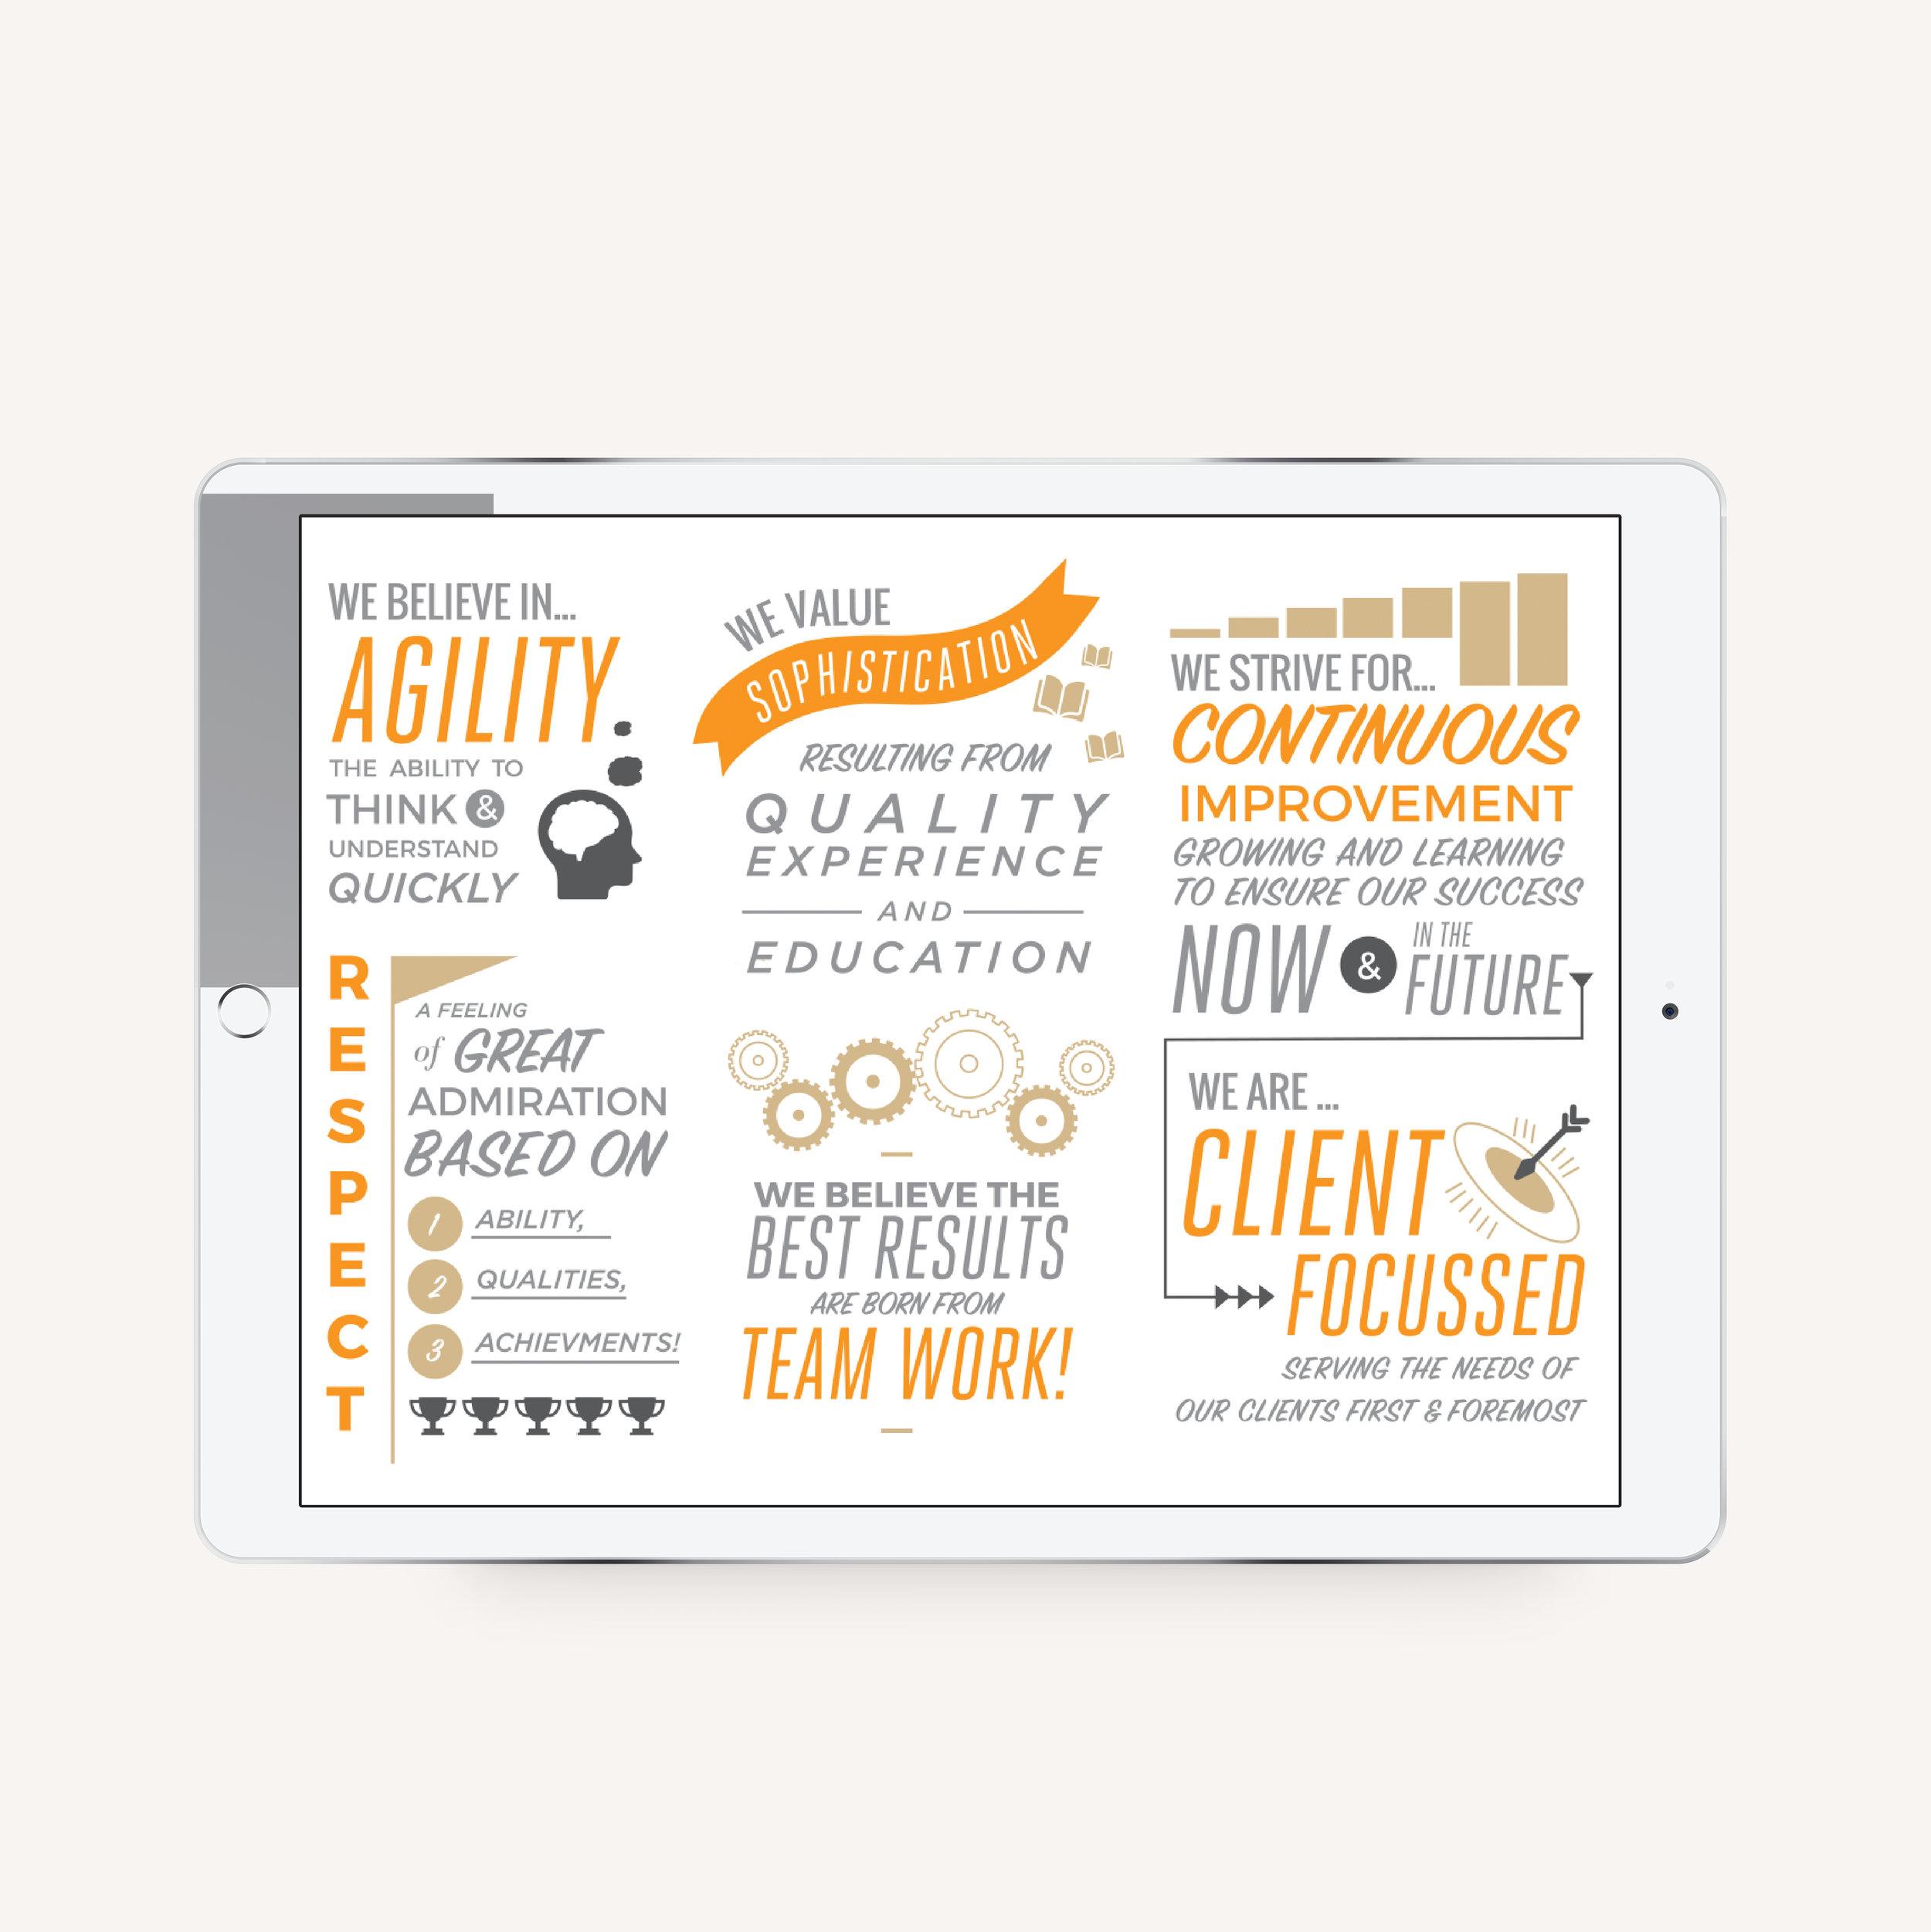 Beepo Infographic Design